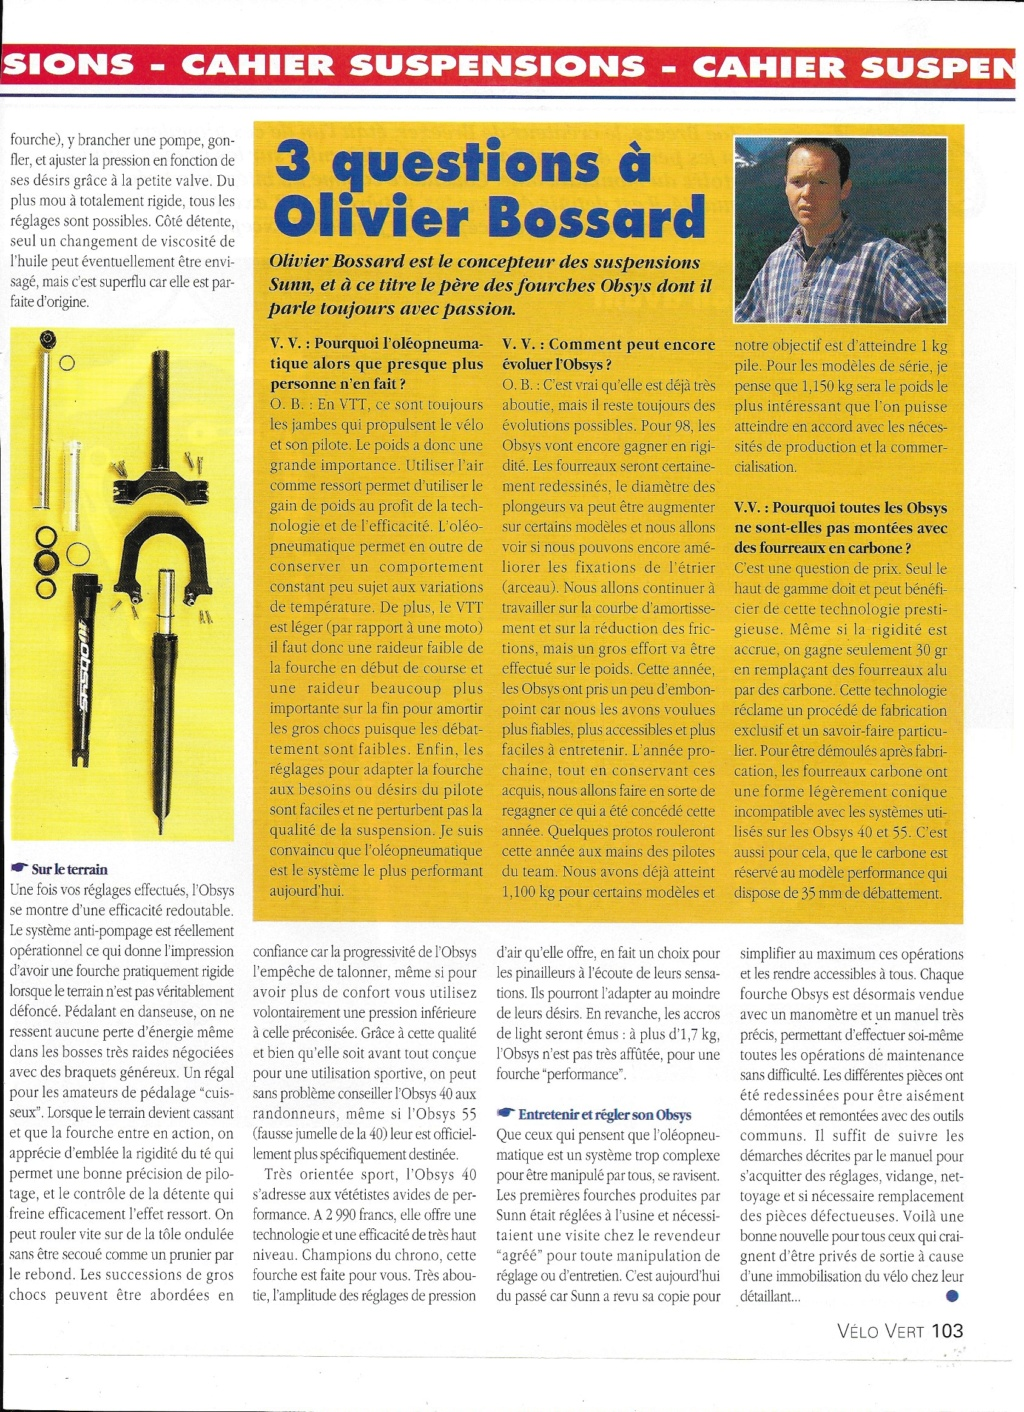 """E-Magazine """"Sunn, la belle époque"""" - Page 2 Obsys_11"""